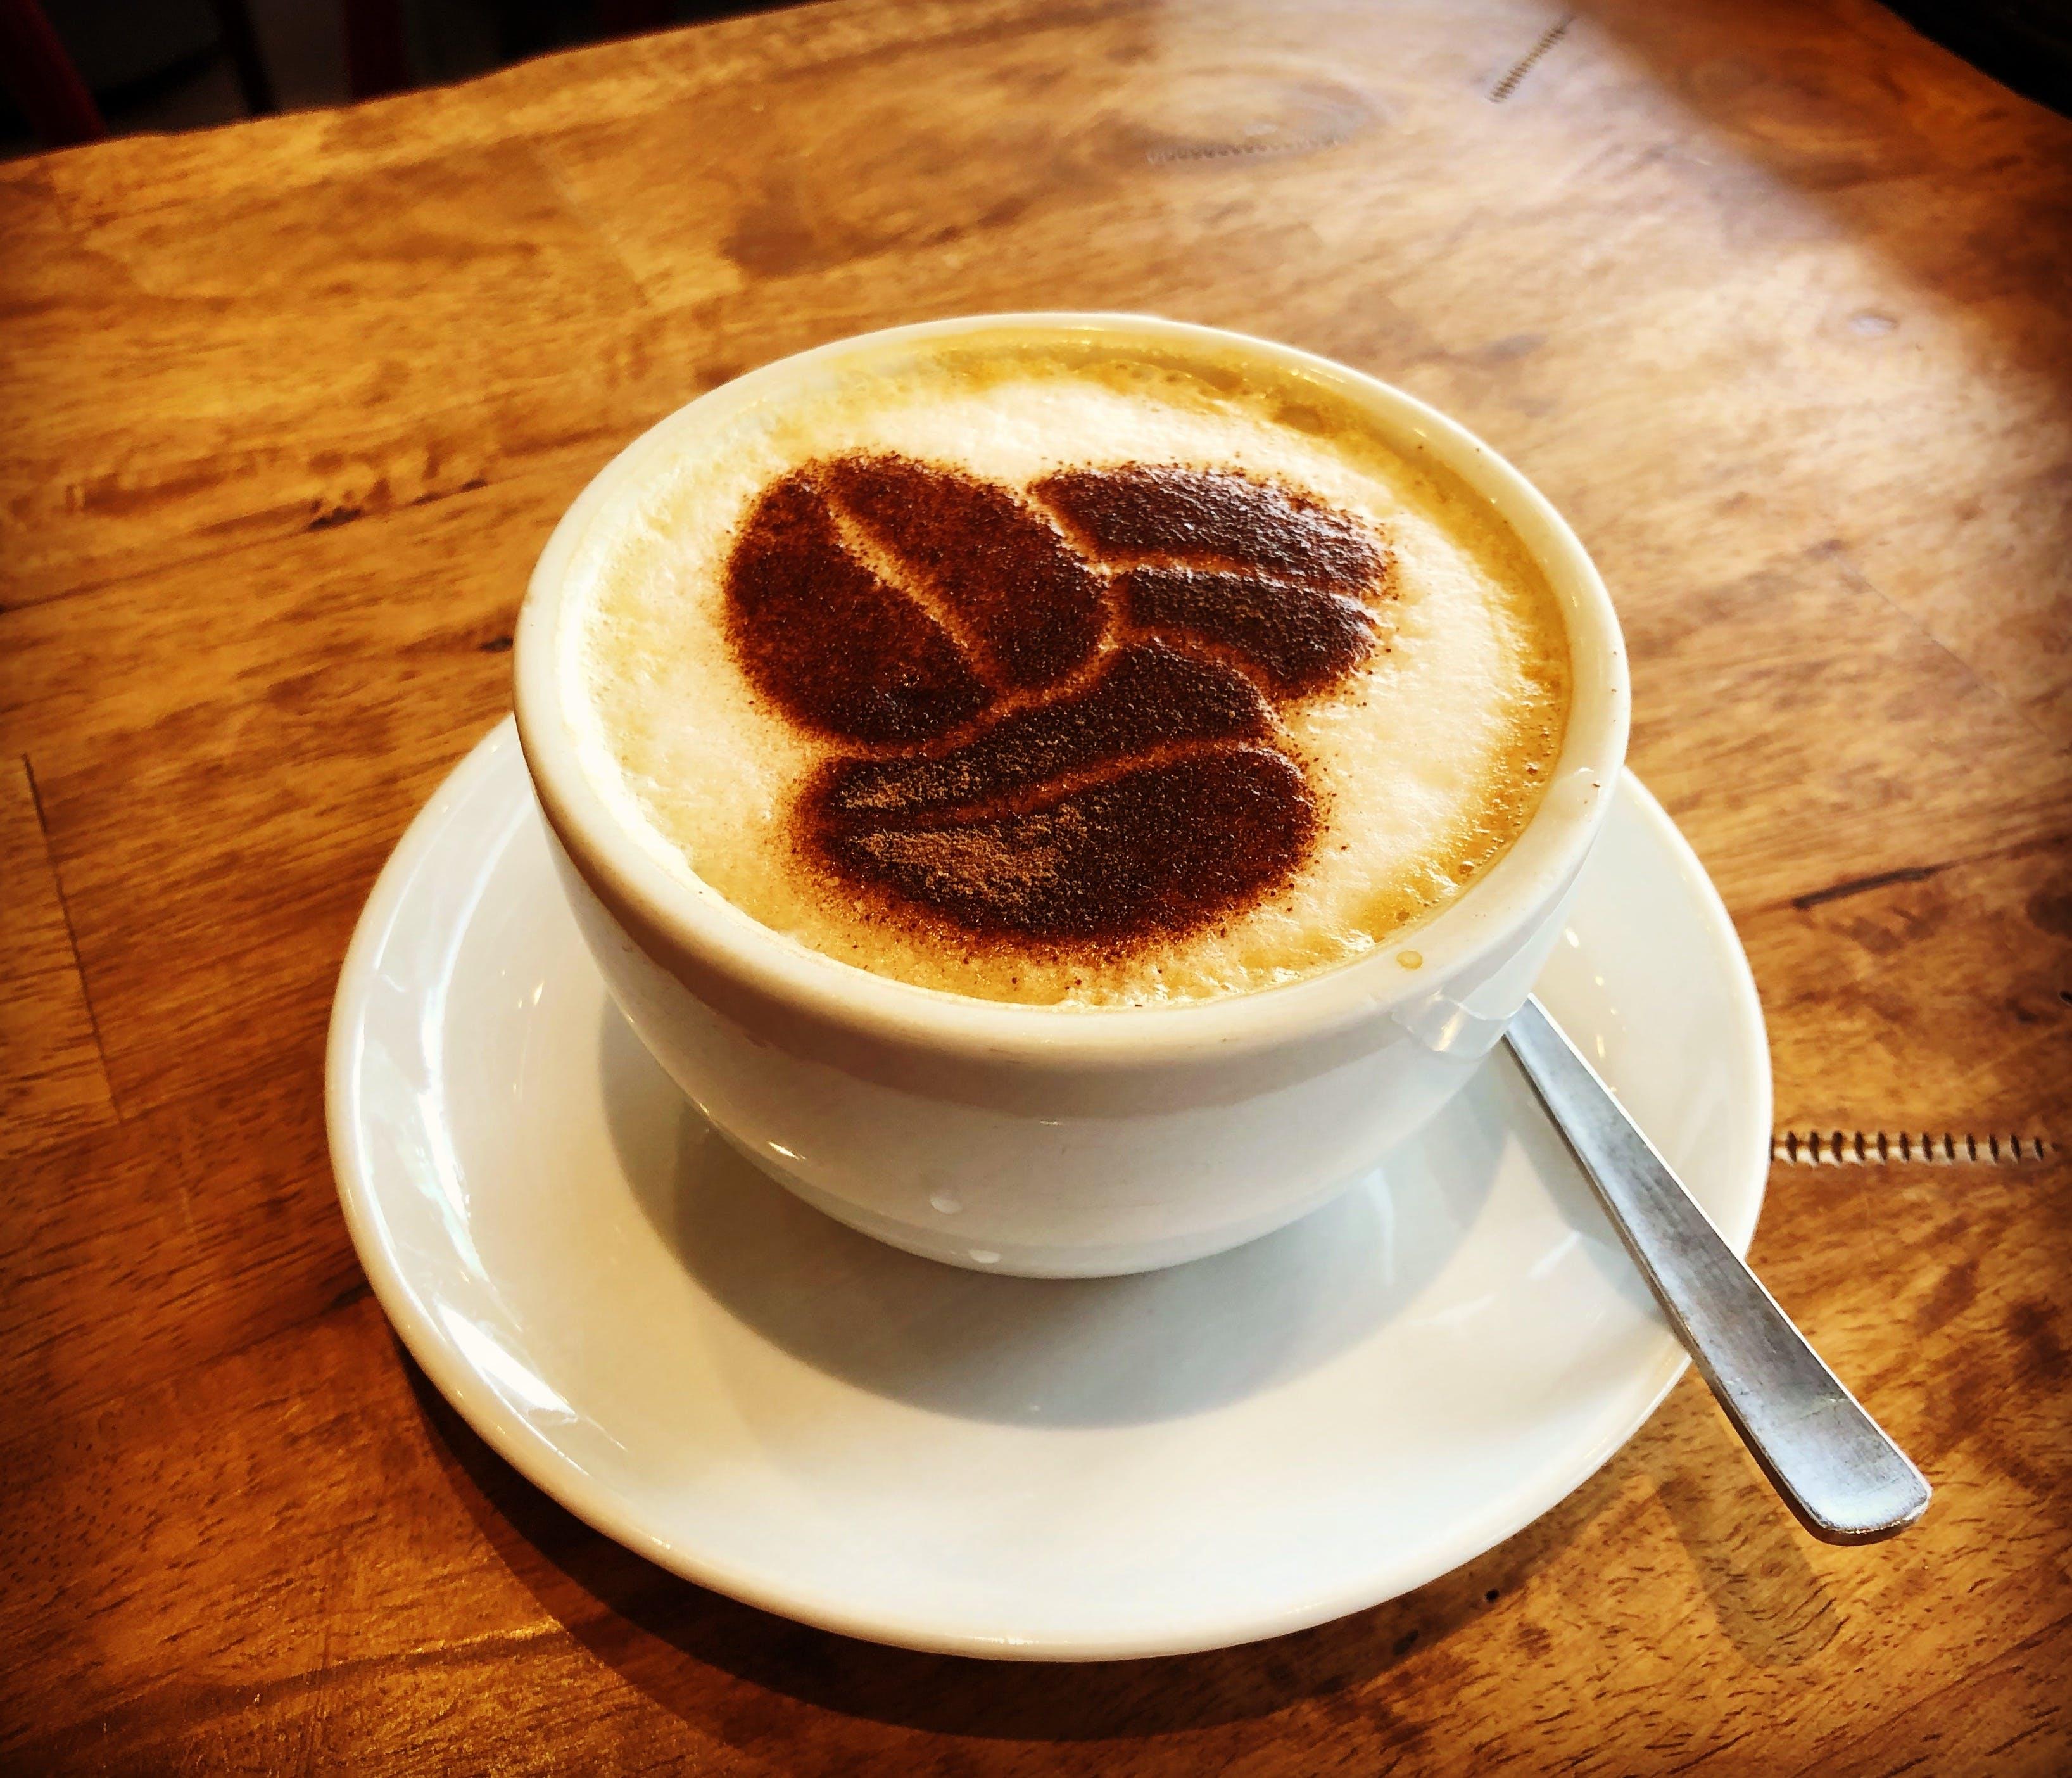 갈색, 원두커피, 카푸치노, 커피 원두의 무료 스톡 사진